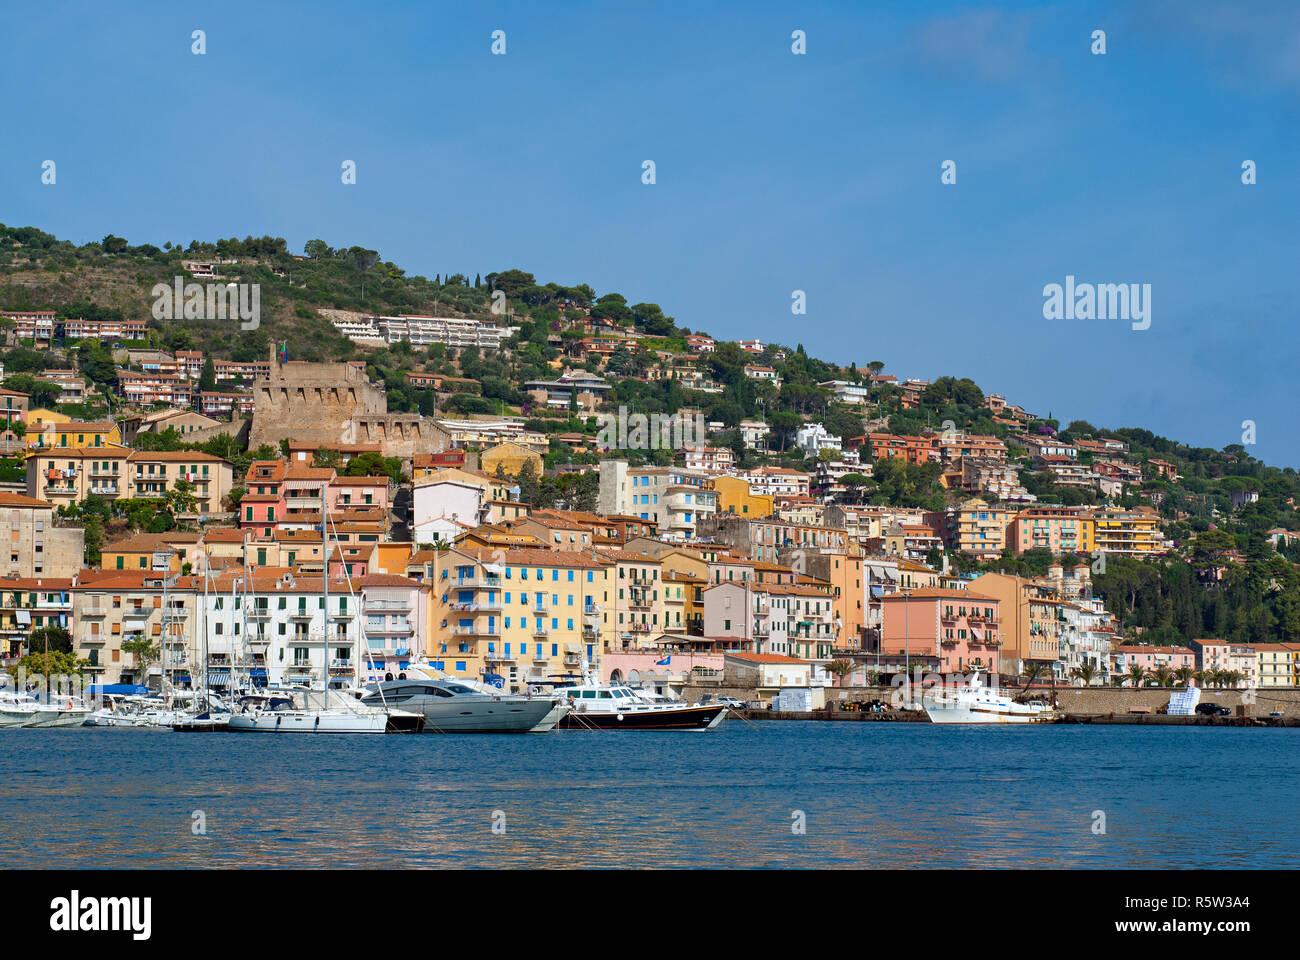 Porto Santo Stefano, Grosseto, Tuscany, Italy Stock Photo